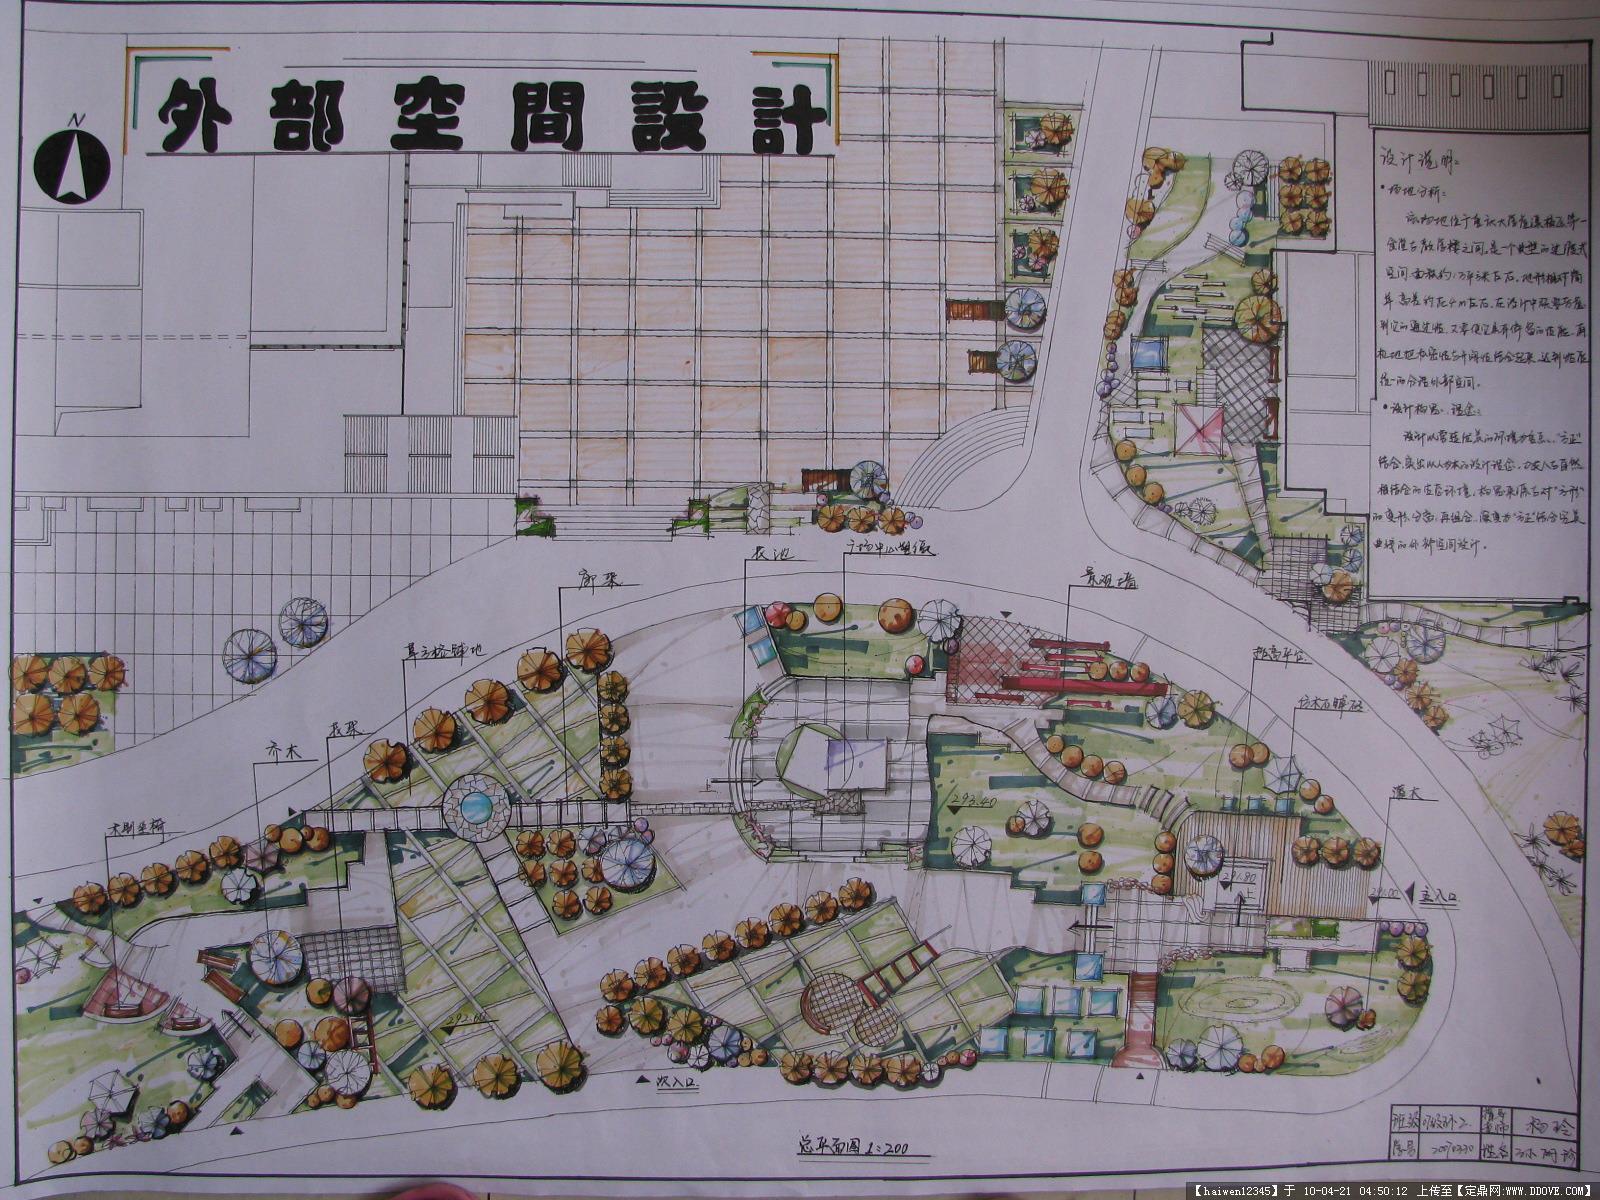 手绘街头绿地设计平面图分享展示